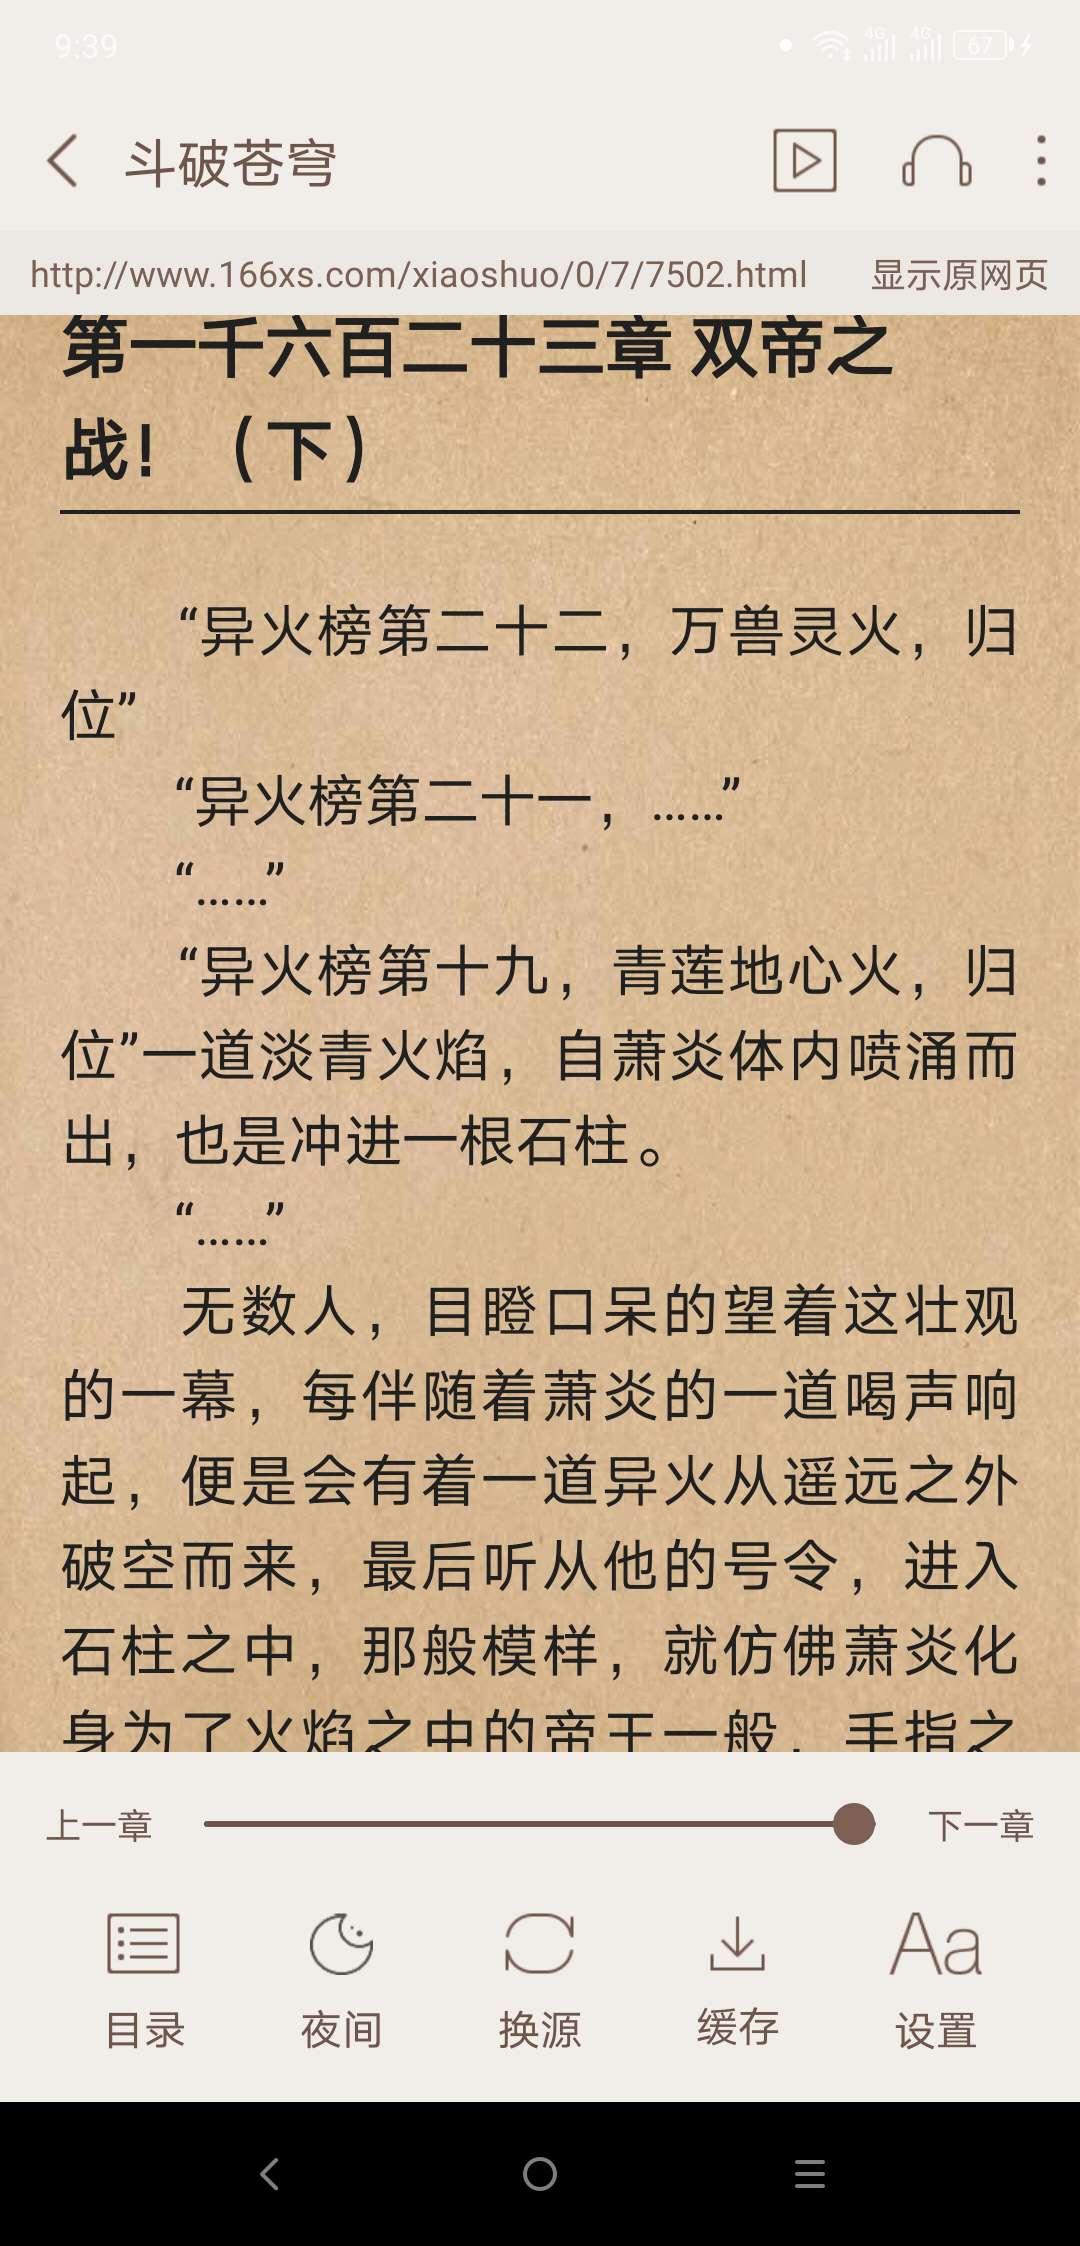 【分享】海纳全网搜-去广告-爱小助